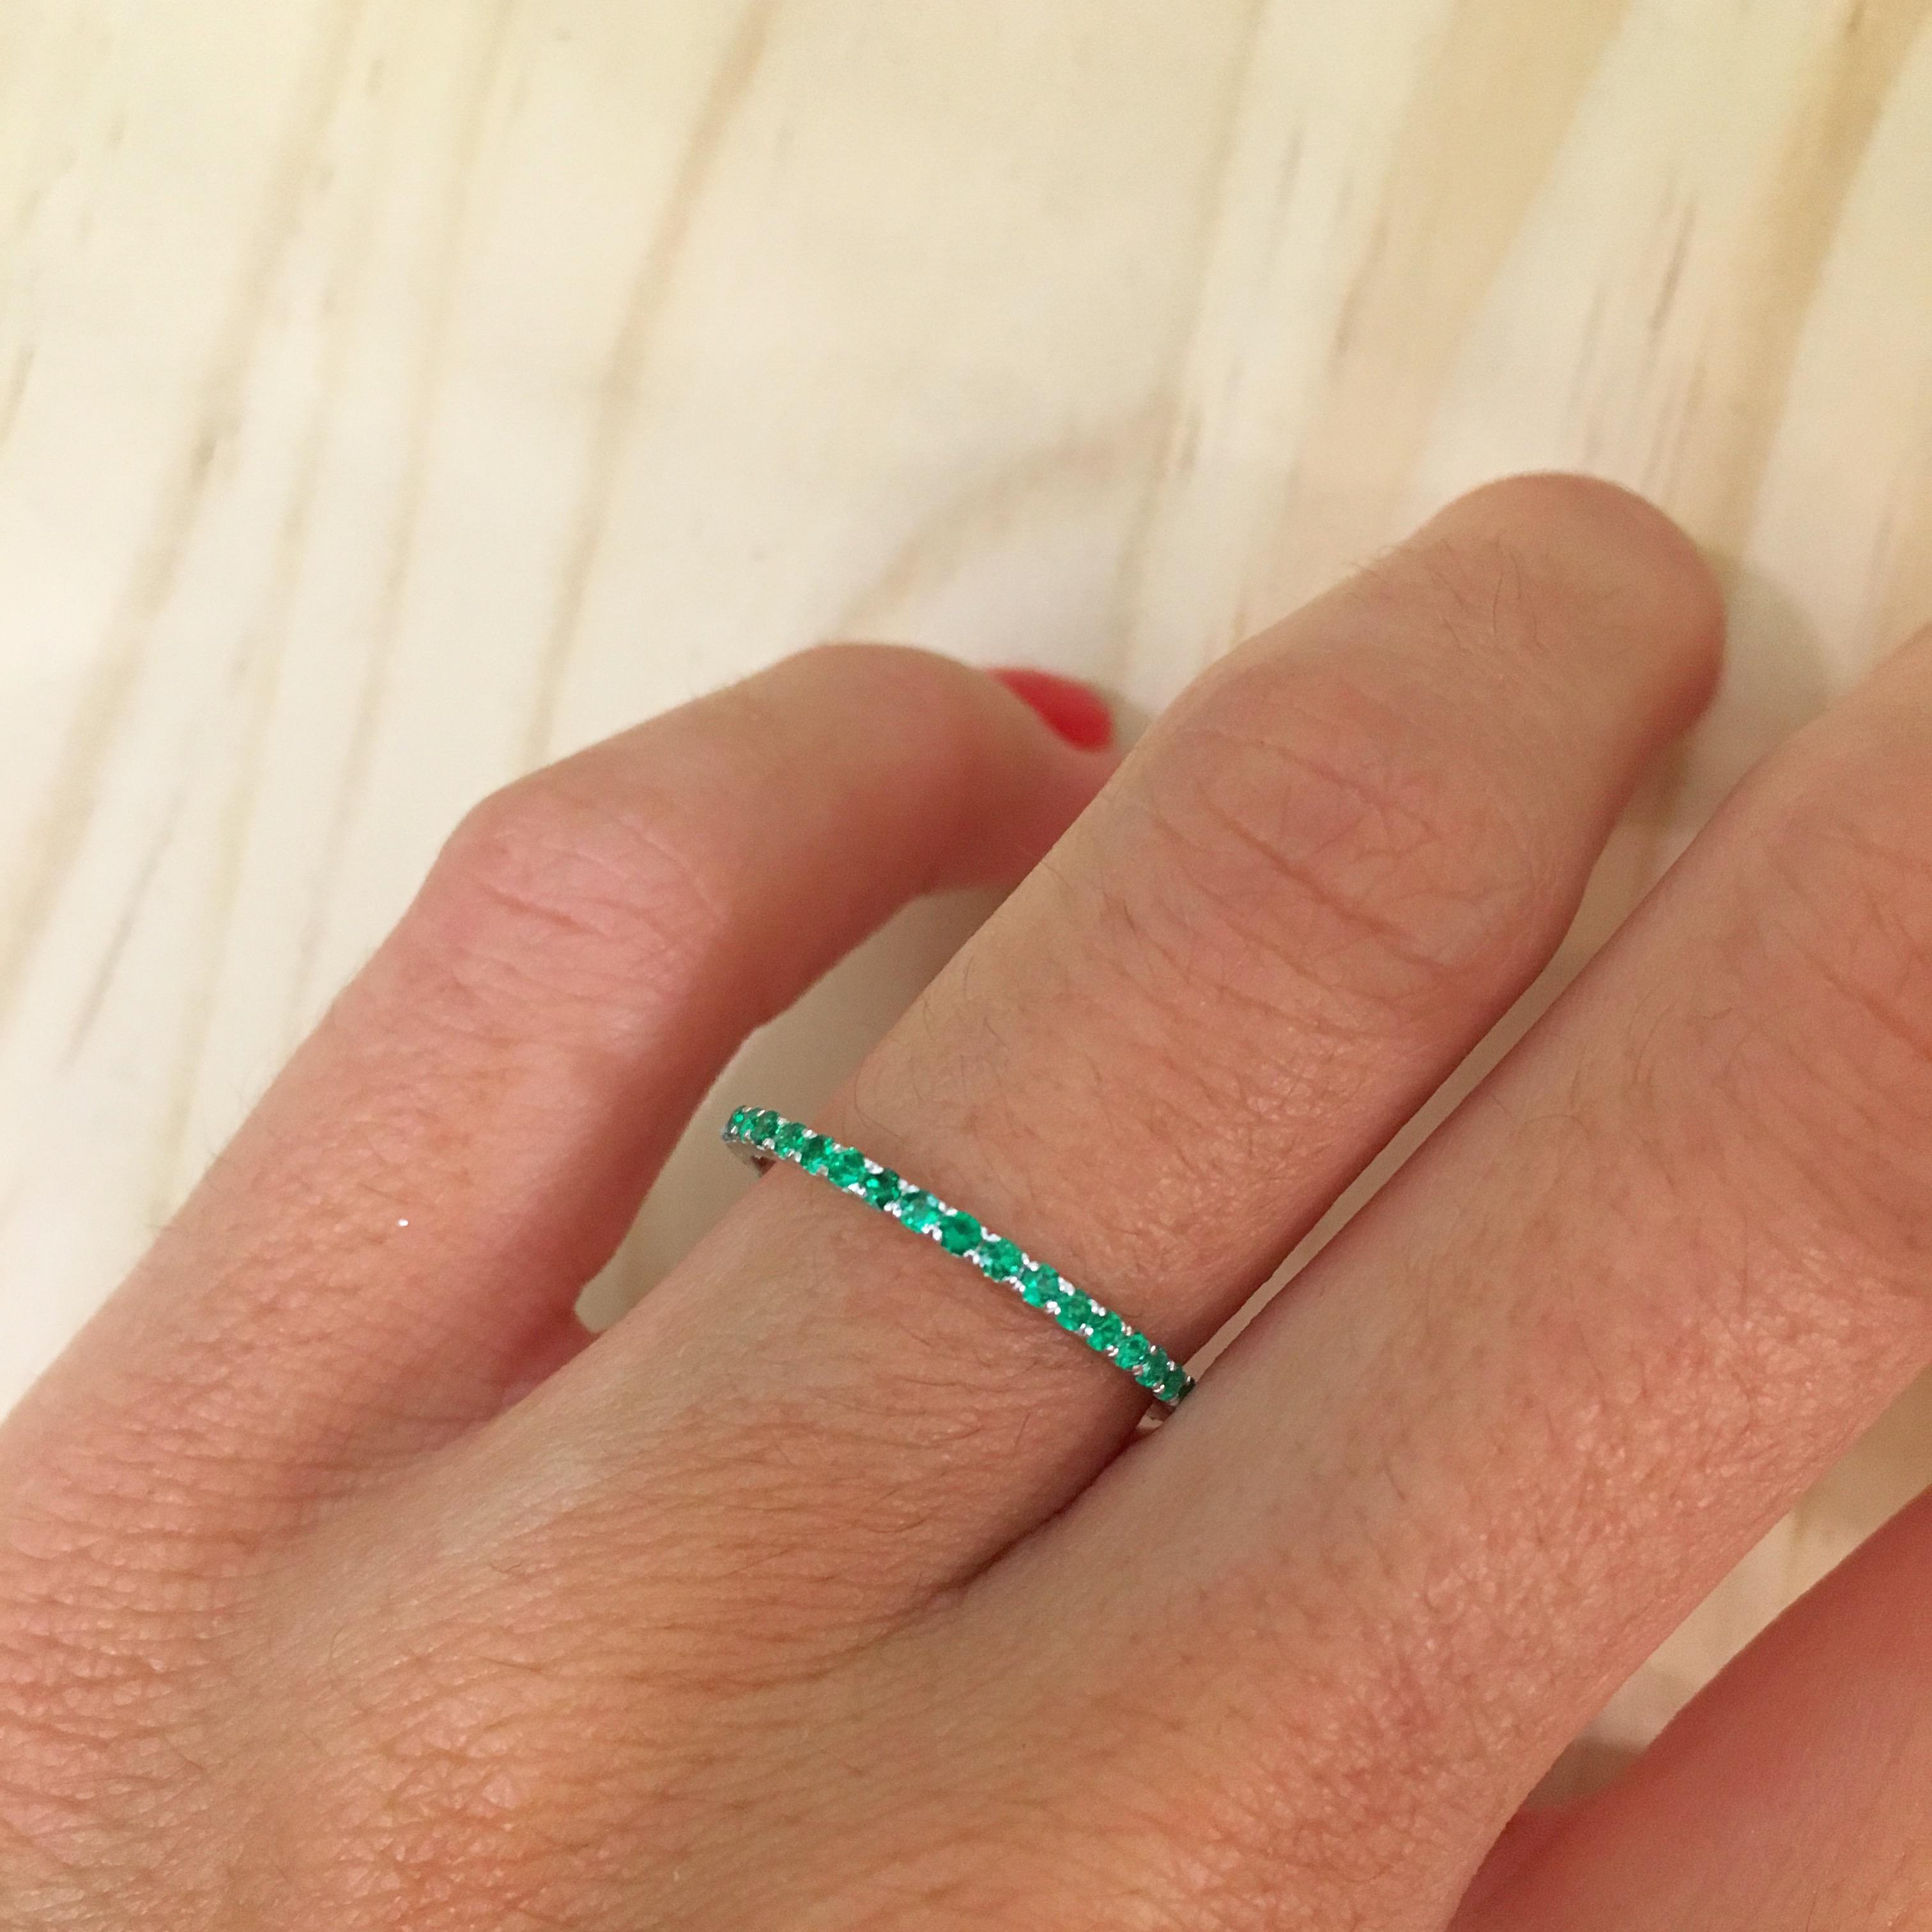 Significado de la esmeralda en el anillo de compromiso